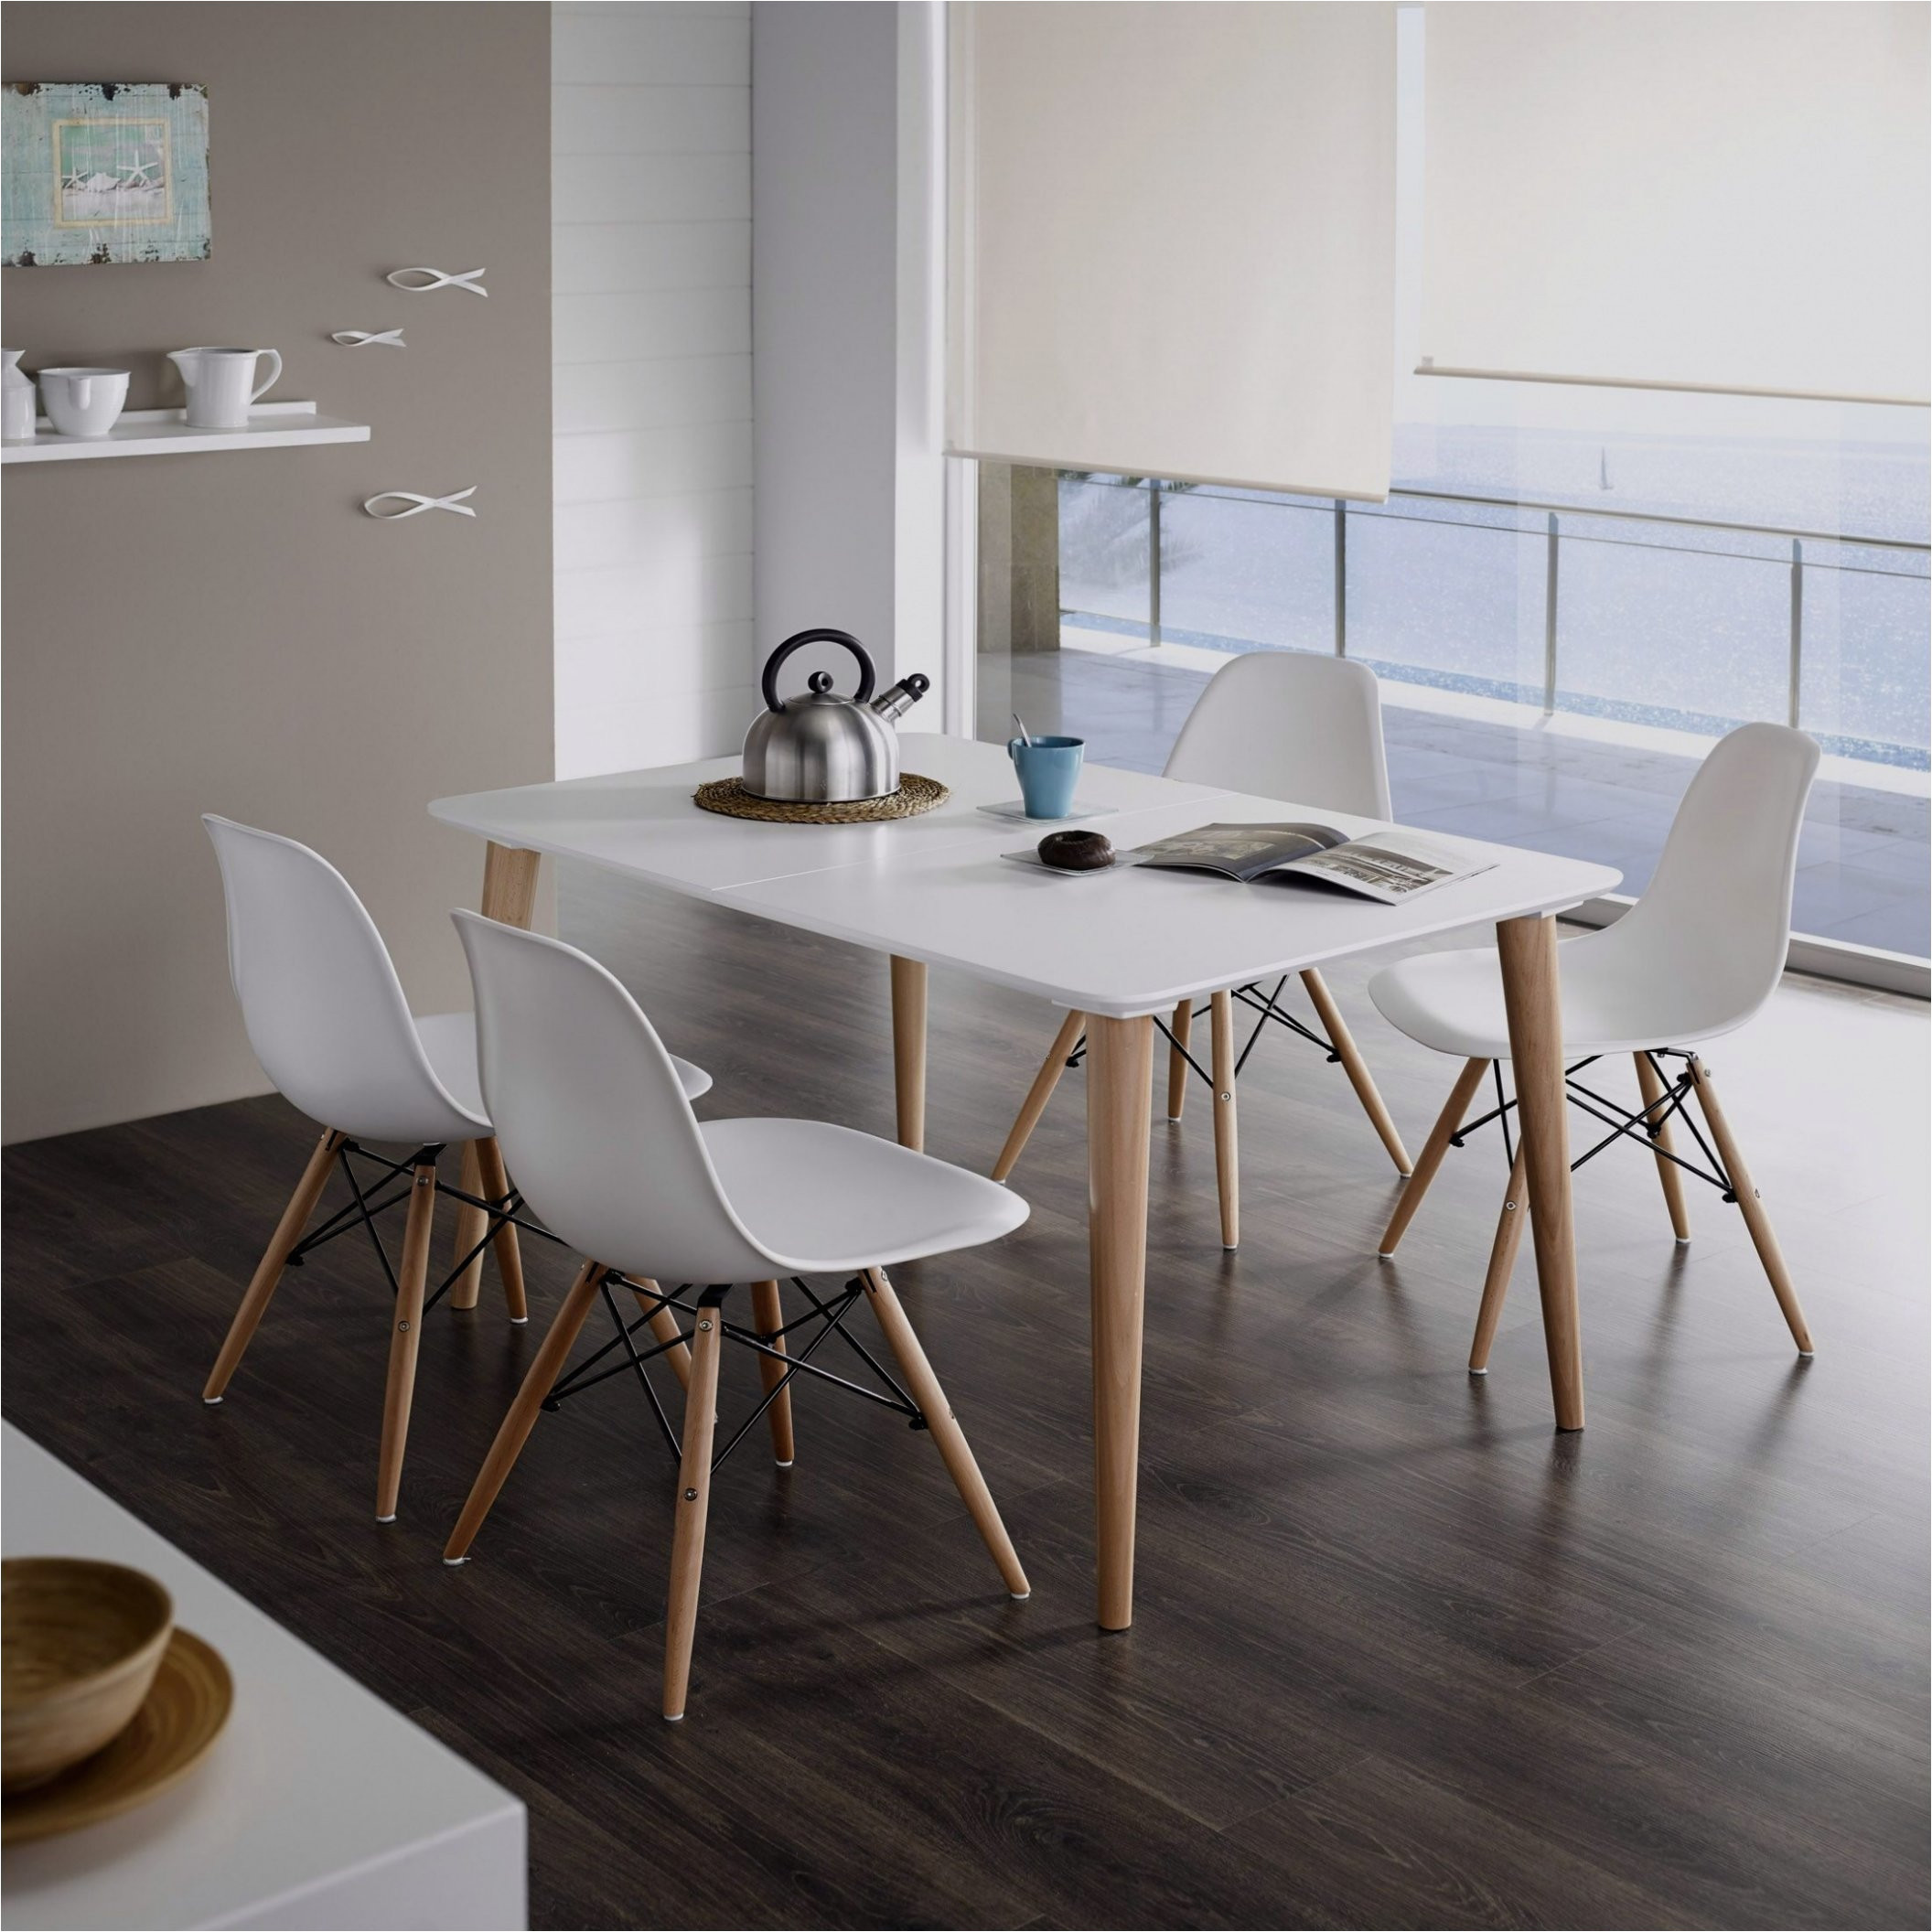 image de sillas de cocina modernas